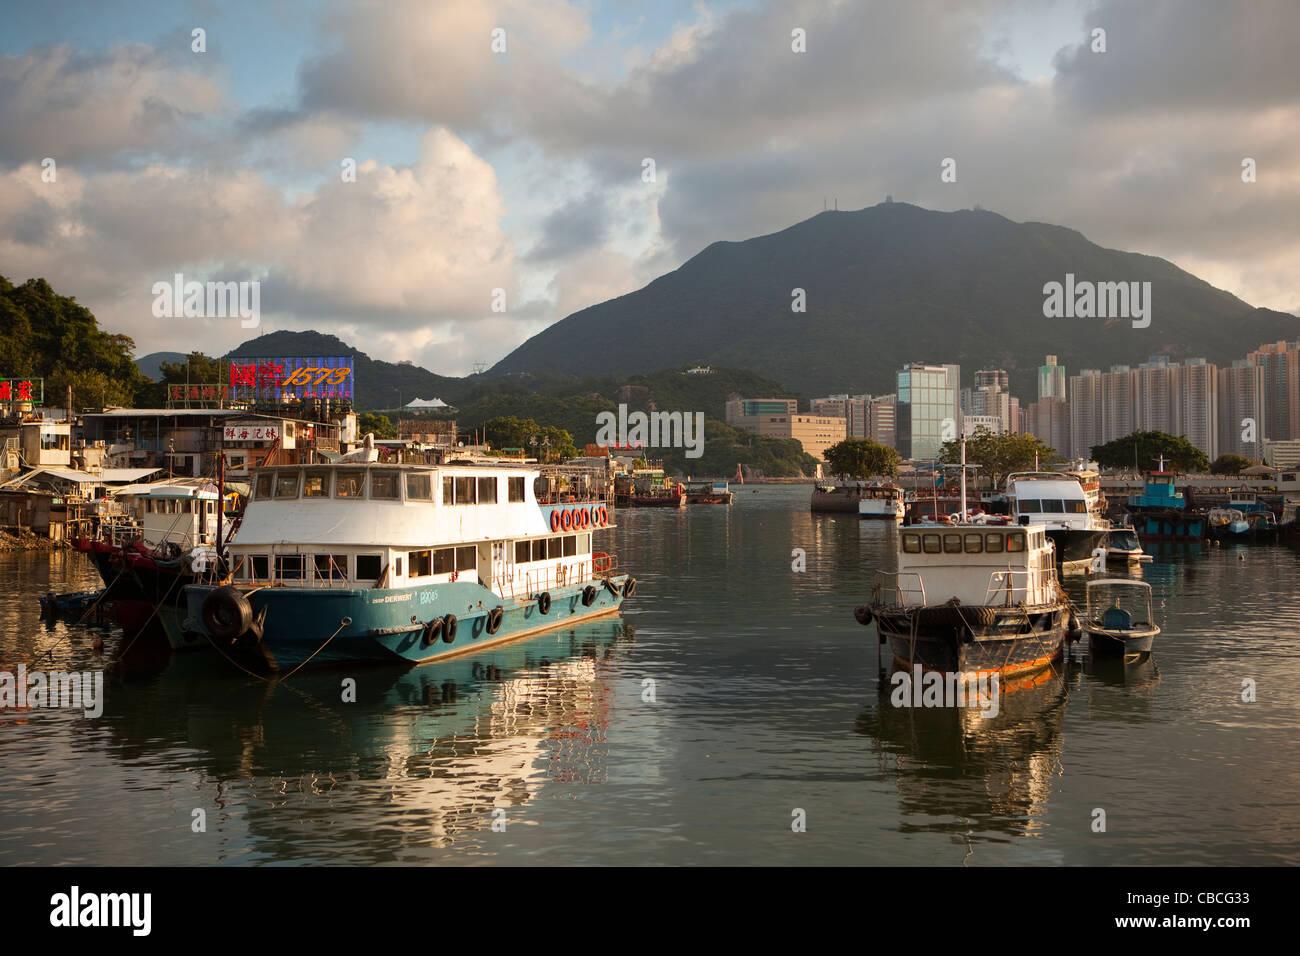 Lei Yue Mun, Seafood Village, Kowloon, Hong Kong - Stock Image